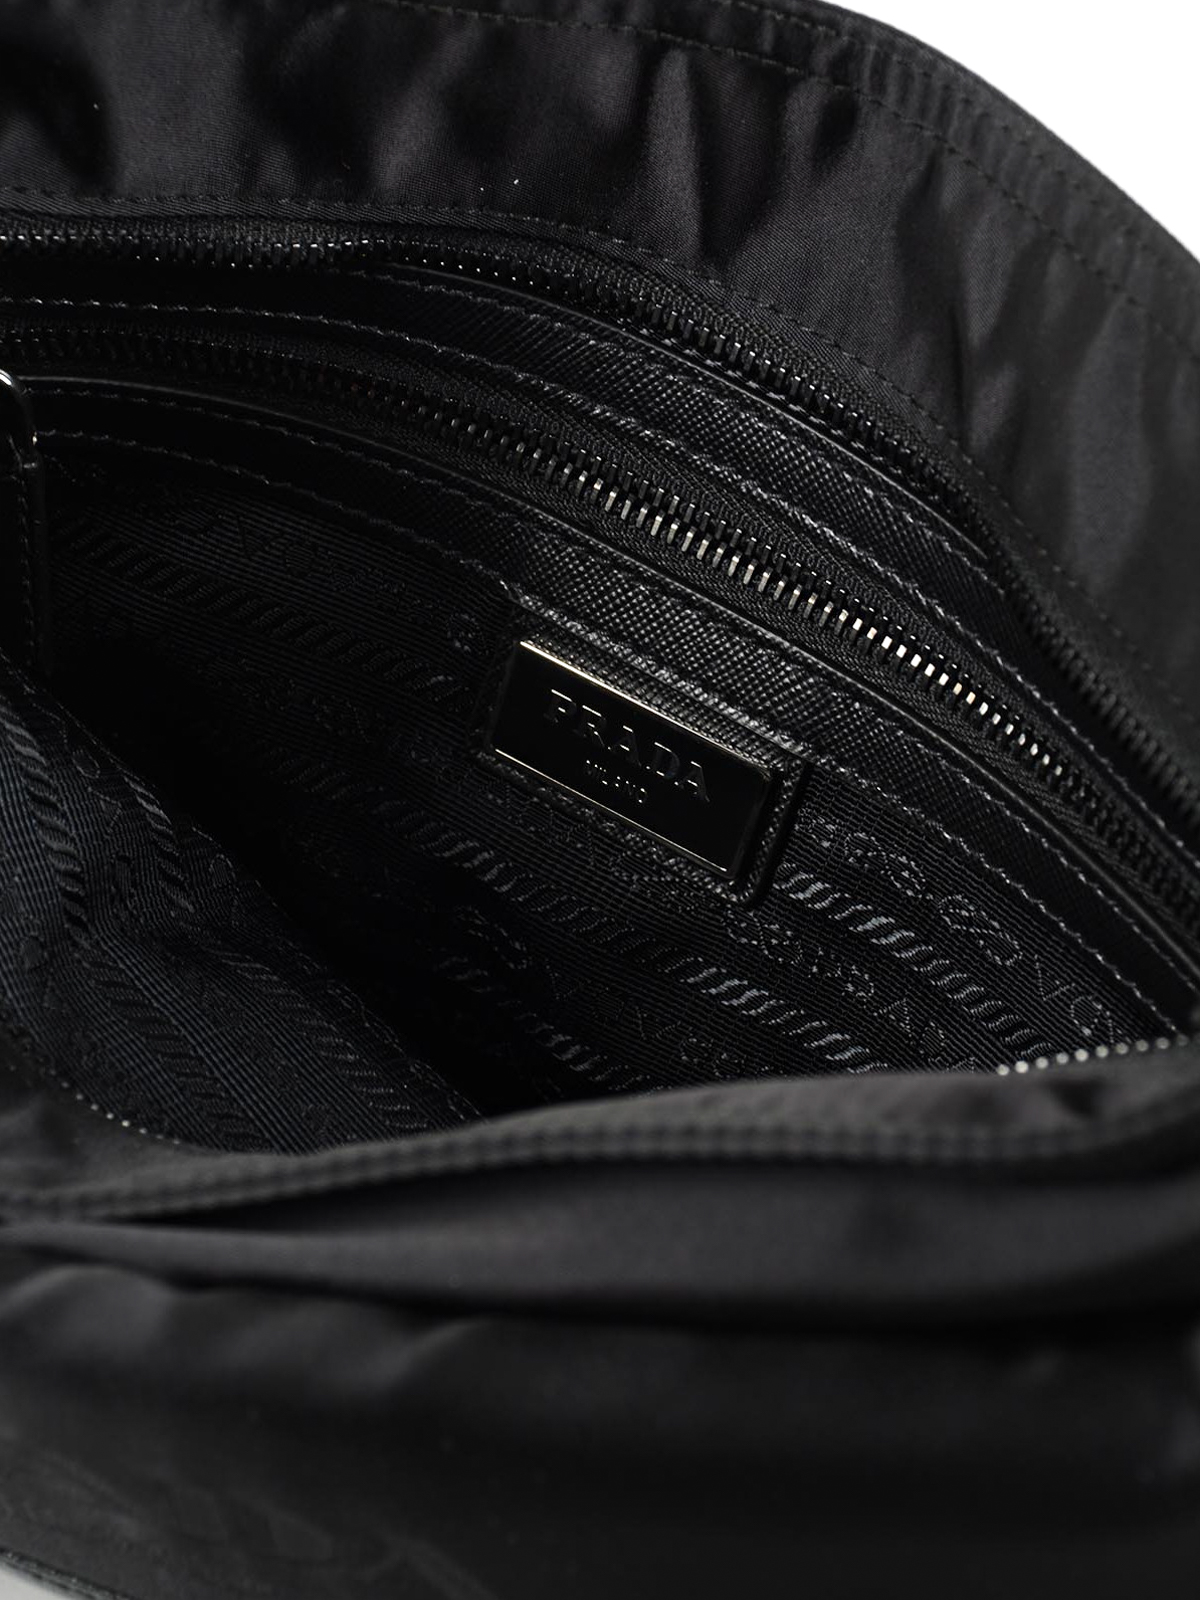 47e5320c86fd PRADA buy online Saffiano and nylon messenger bag. PRADA: shoulder bags ...